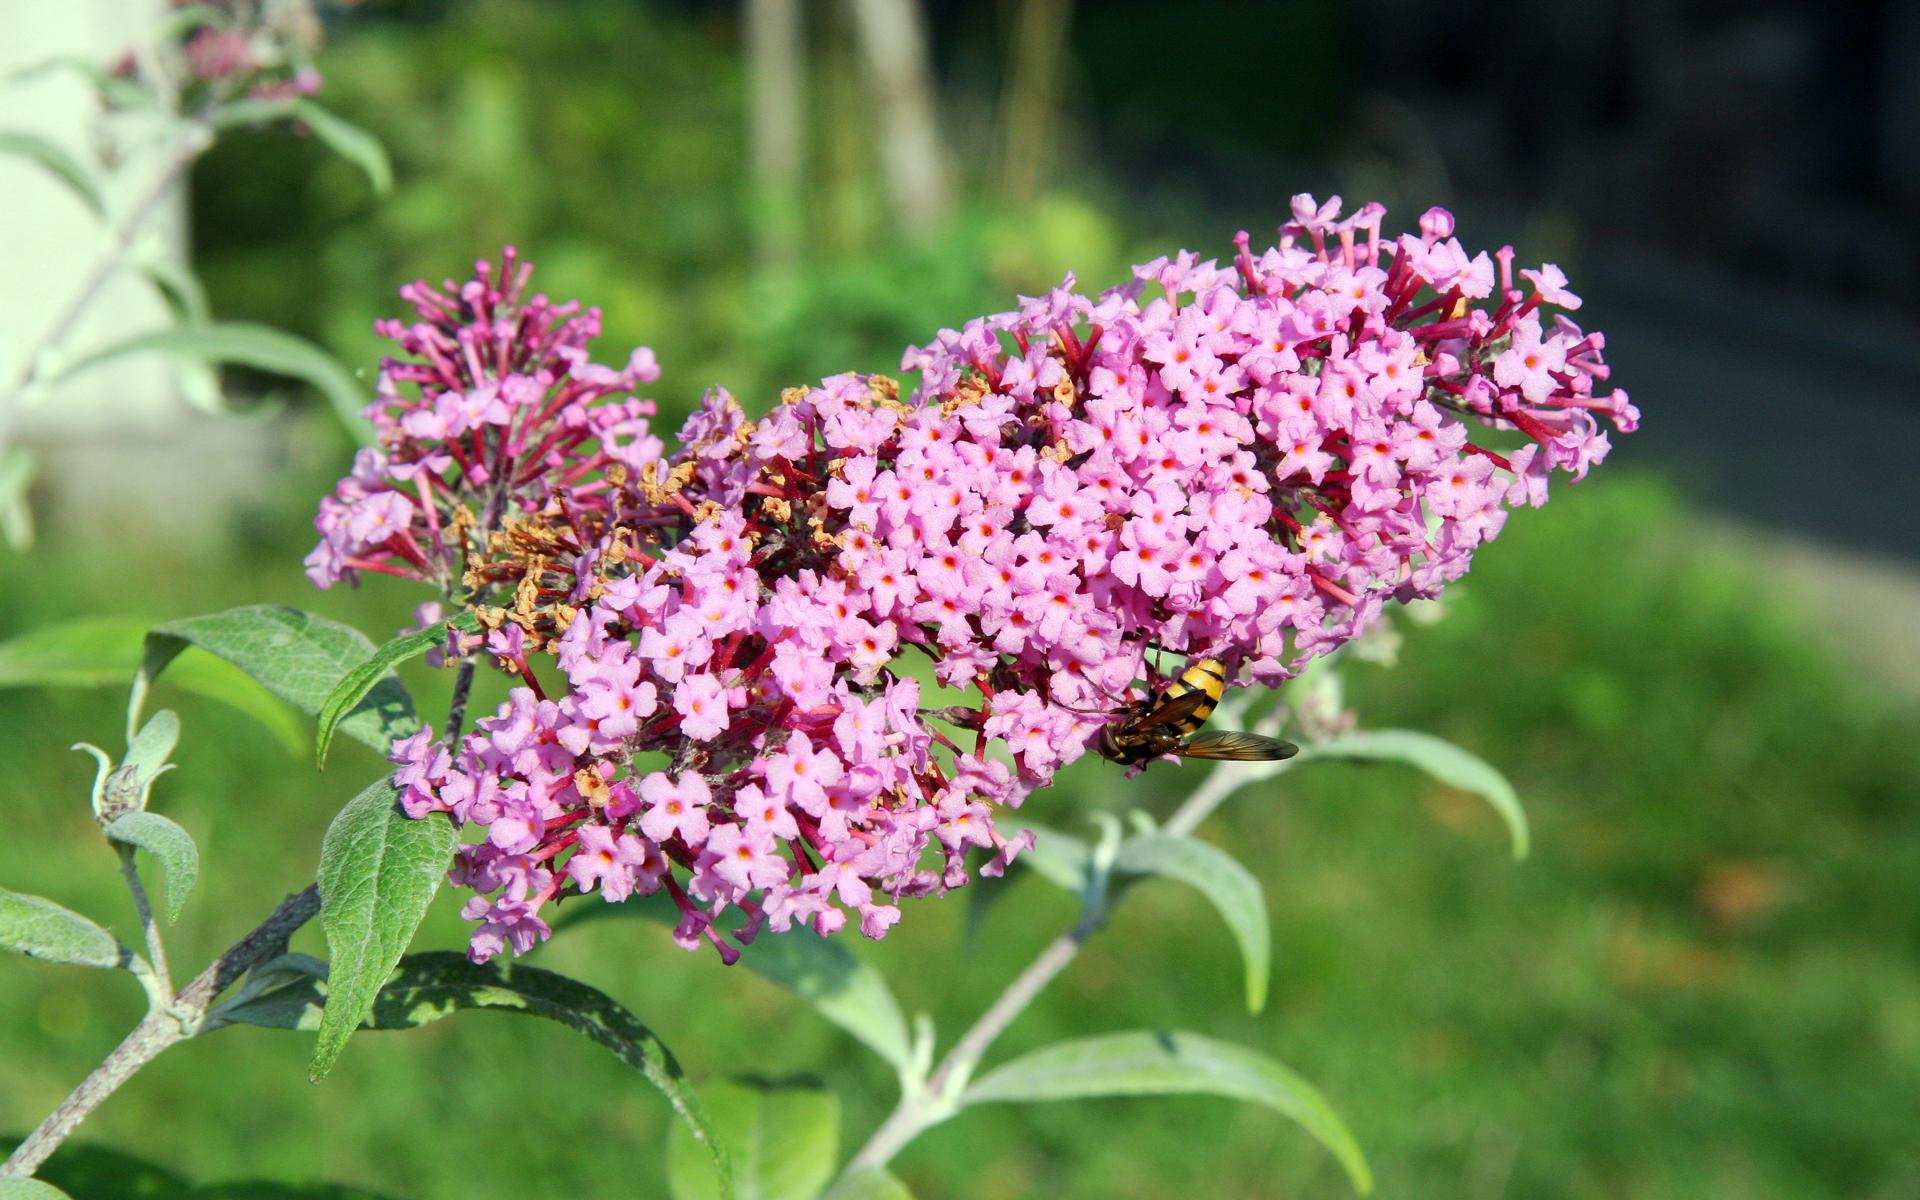 Arbre à papillons - Crédit : Maja Dumat - Flickr